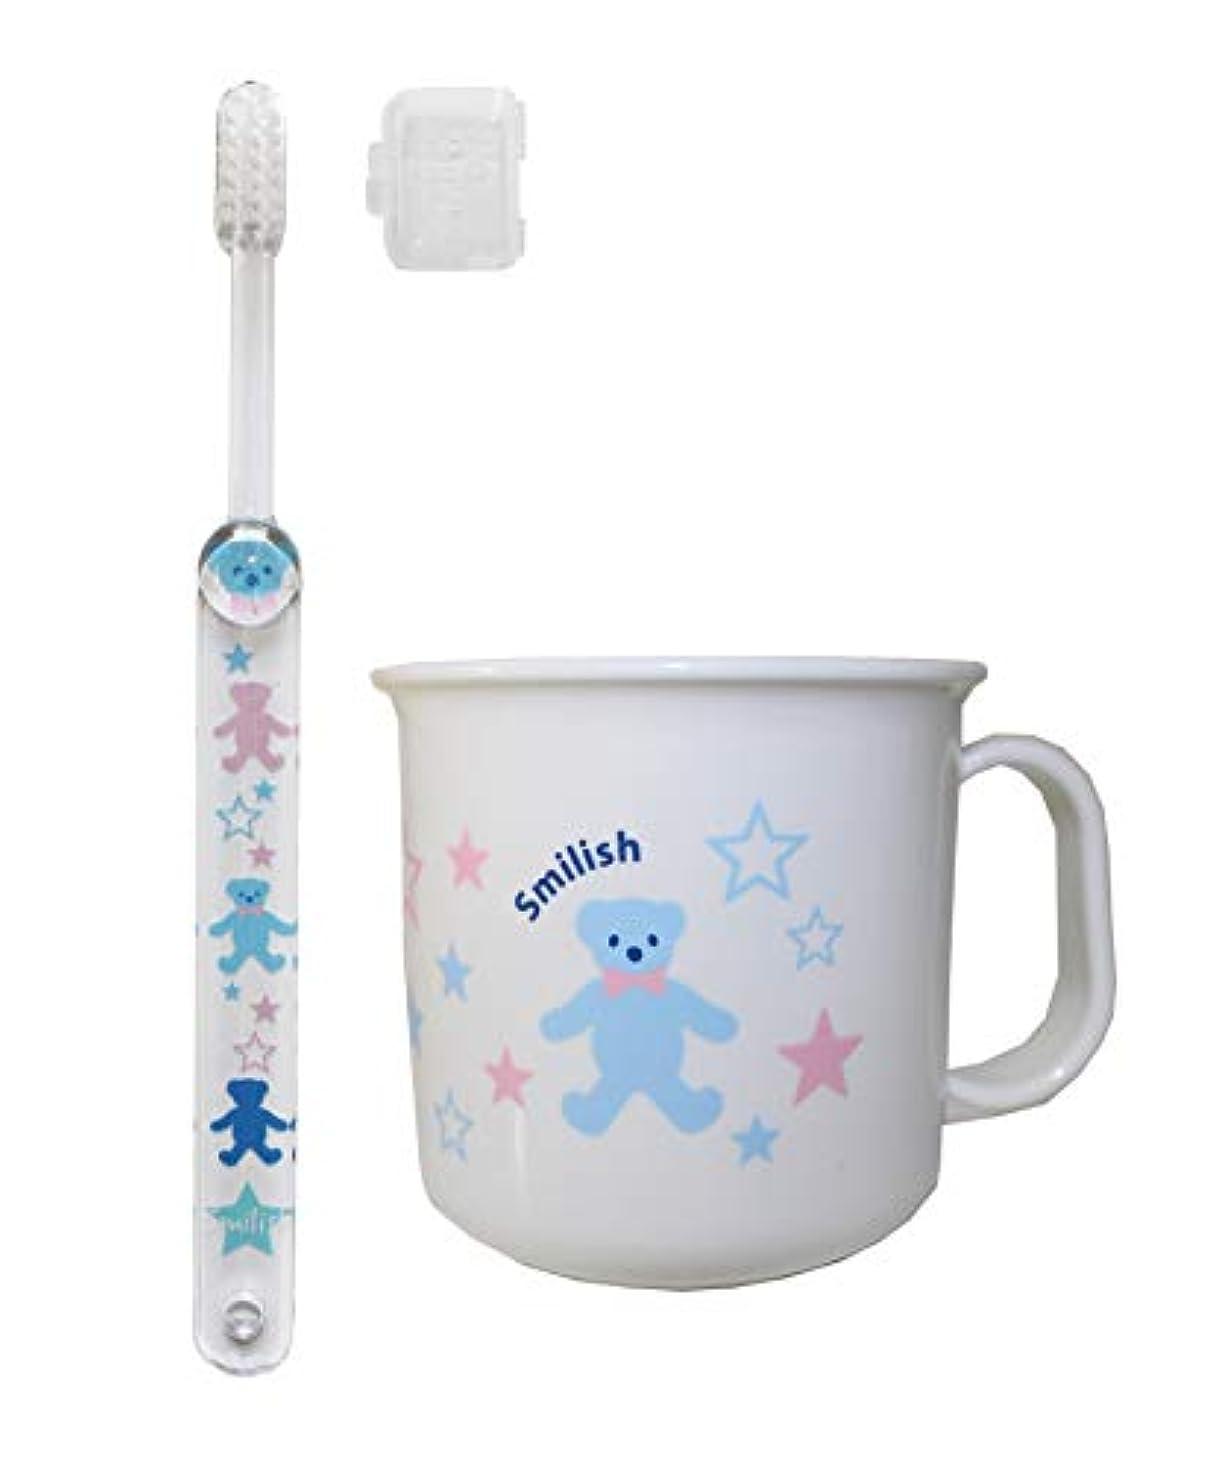 パントリー極めてグラディス子ども歯ブラシ(キャップ付き) 耐熱コップセット ABCくま柄